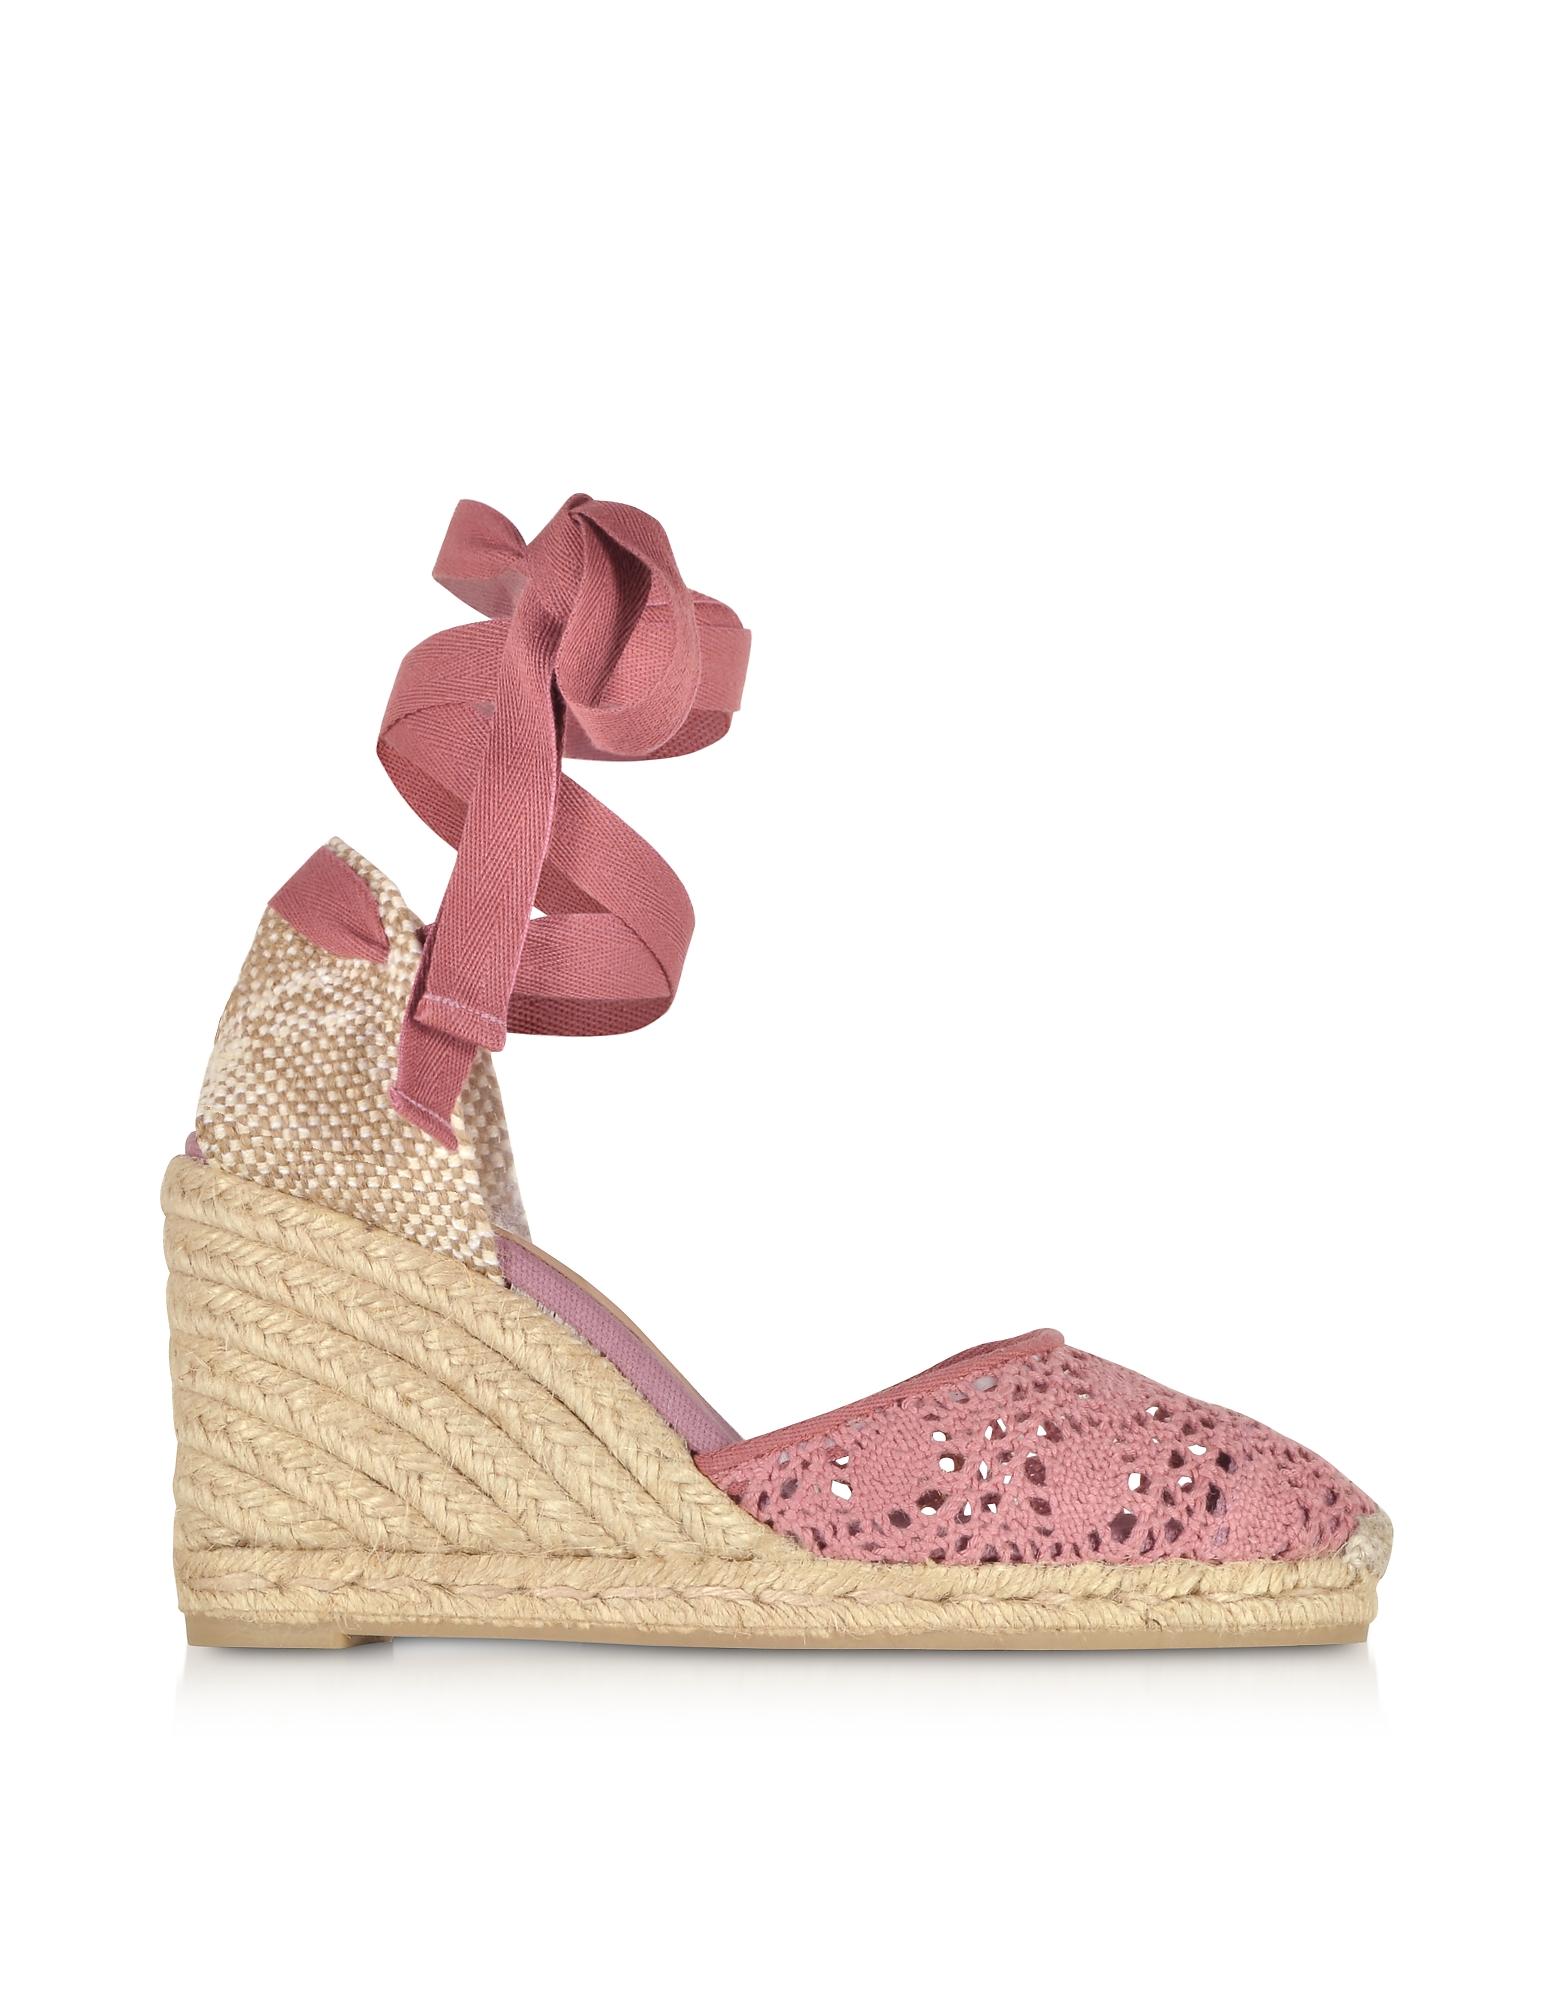 Castaner Designer Shoes, Carina Malva Canvas Wedge Espadrilles